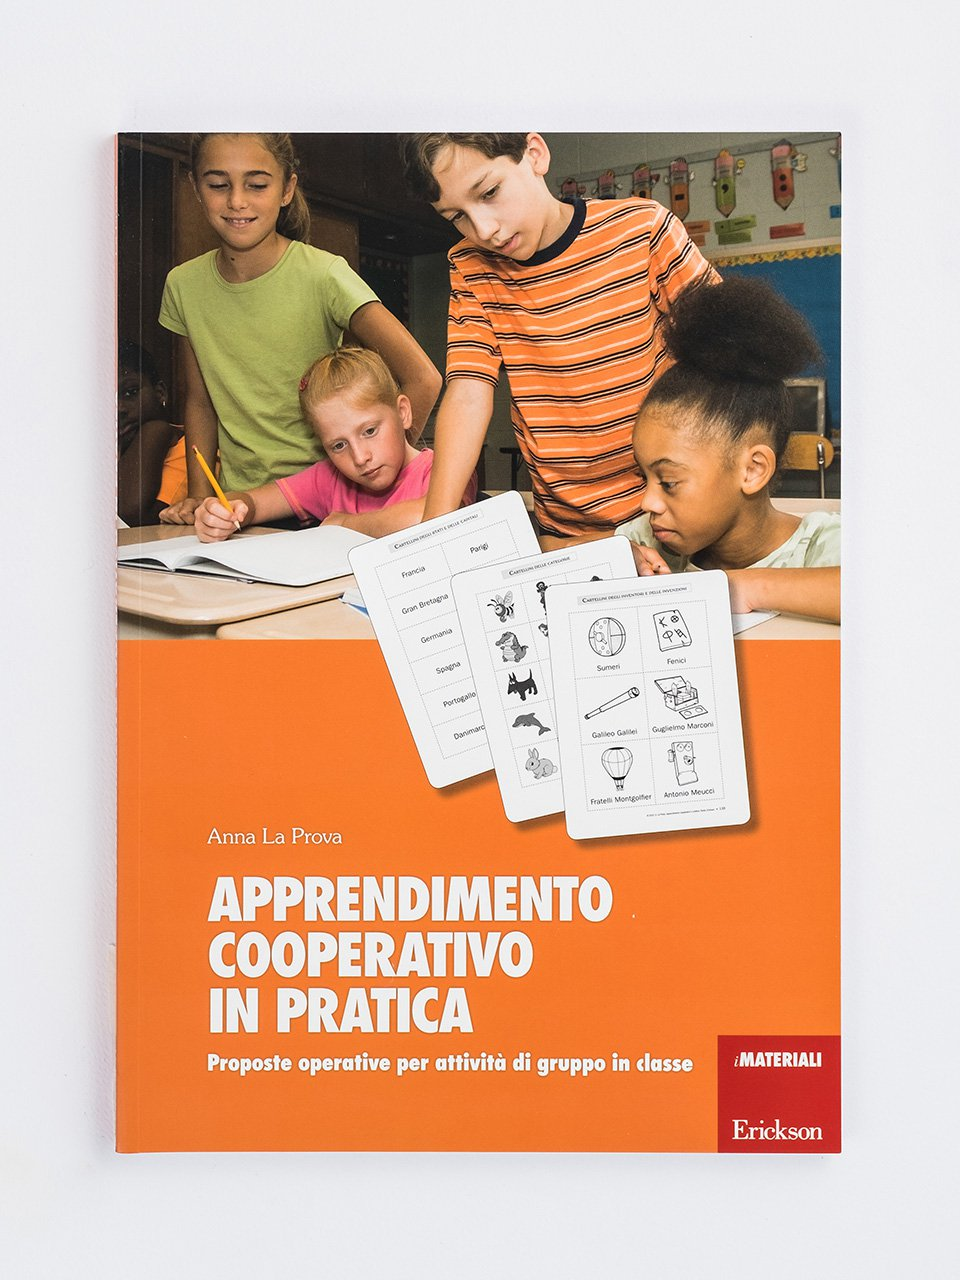 Apprendimento cooperativo in pratica - Organizzare i gruppi cooperativi - Libri - Erickson